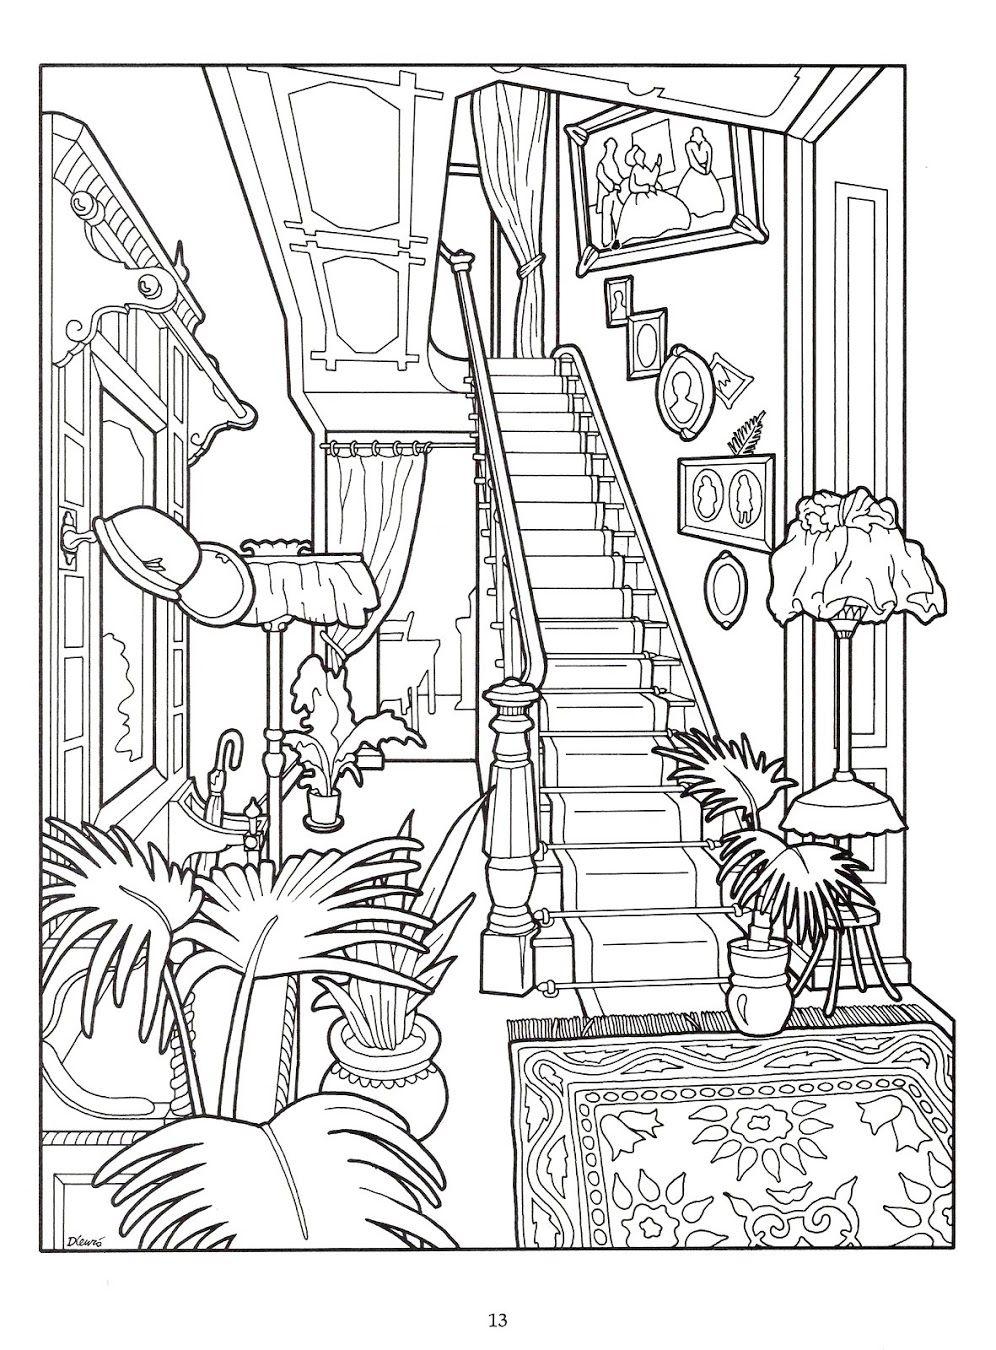 Pin Von Daidy M Auf Ausmalbilder Zimmer Malvorlagen Ausmalbilder